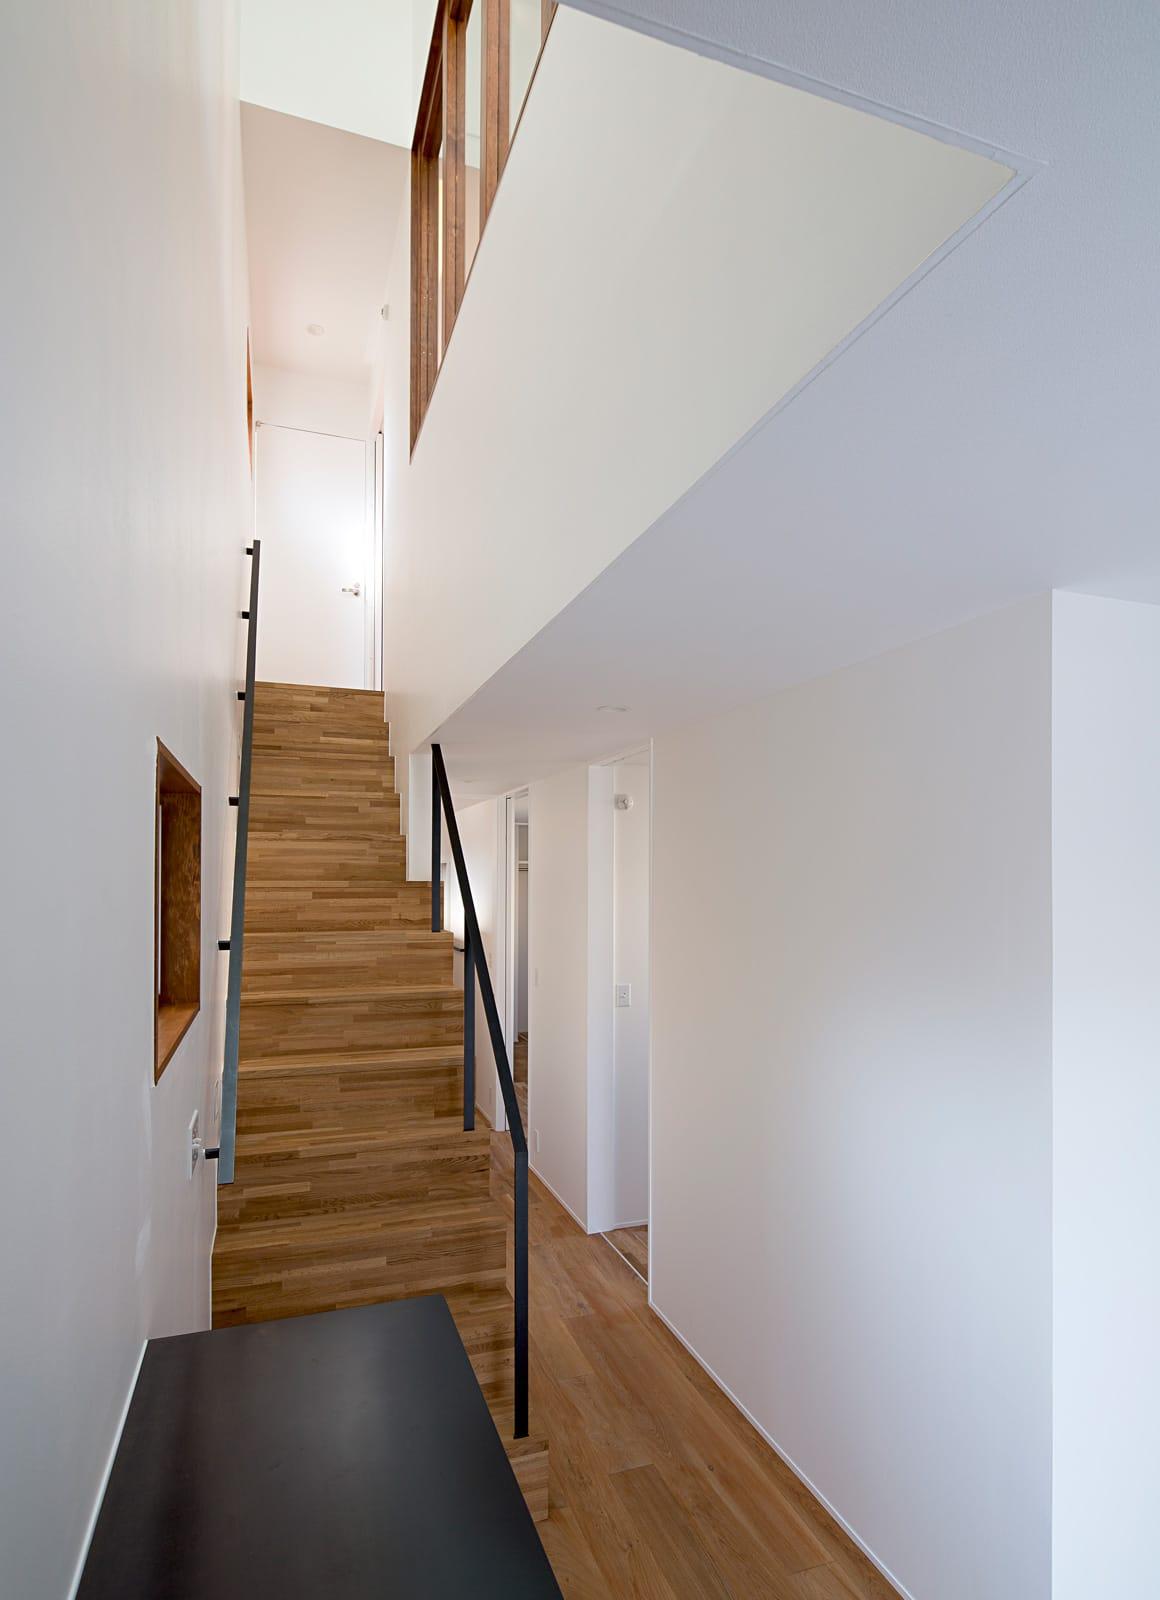 シンプルヴィンテージハウスの階段(木製)1